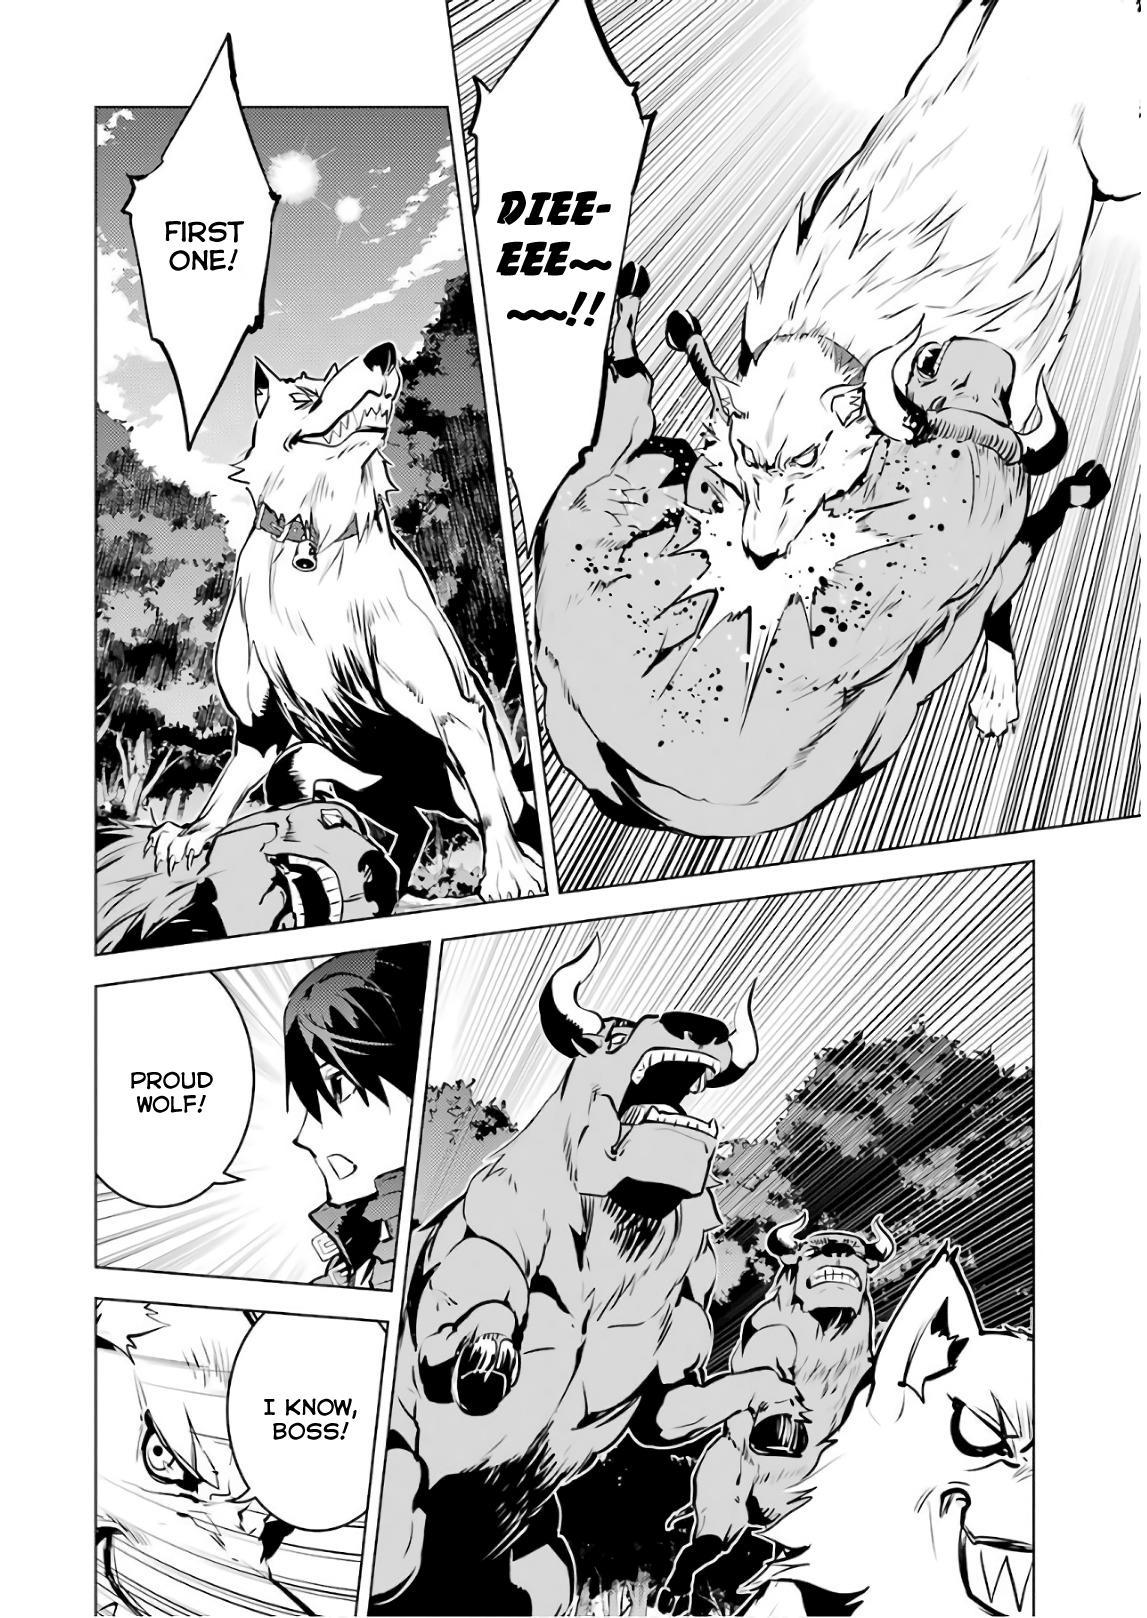 Tensei Kenja No Isekai Raifu ~Daini No Shokugyo Wo Ete, Sekai Saikyou Ni Narimashita~ Vol.5 Chapter 15: I Was Being Pursued page 34 - Mangakakalots.com